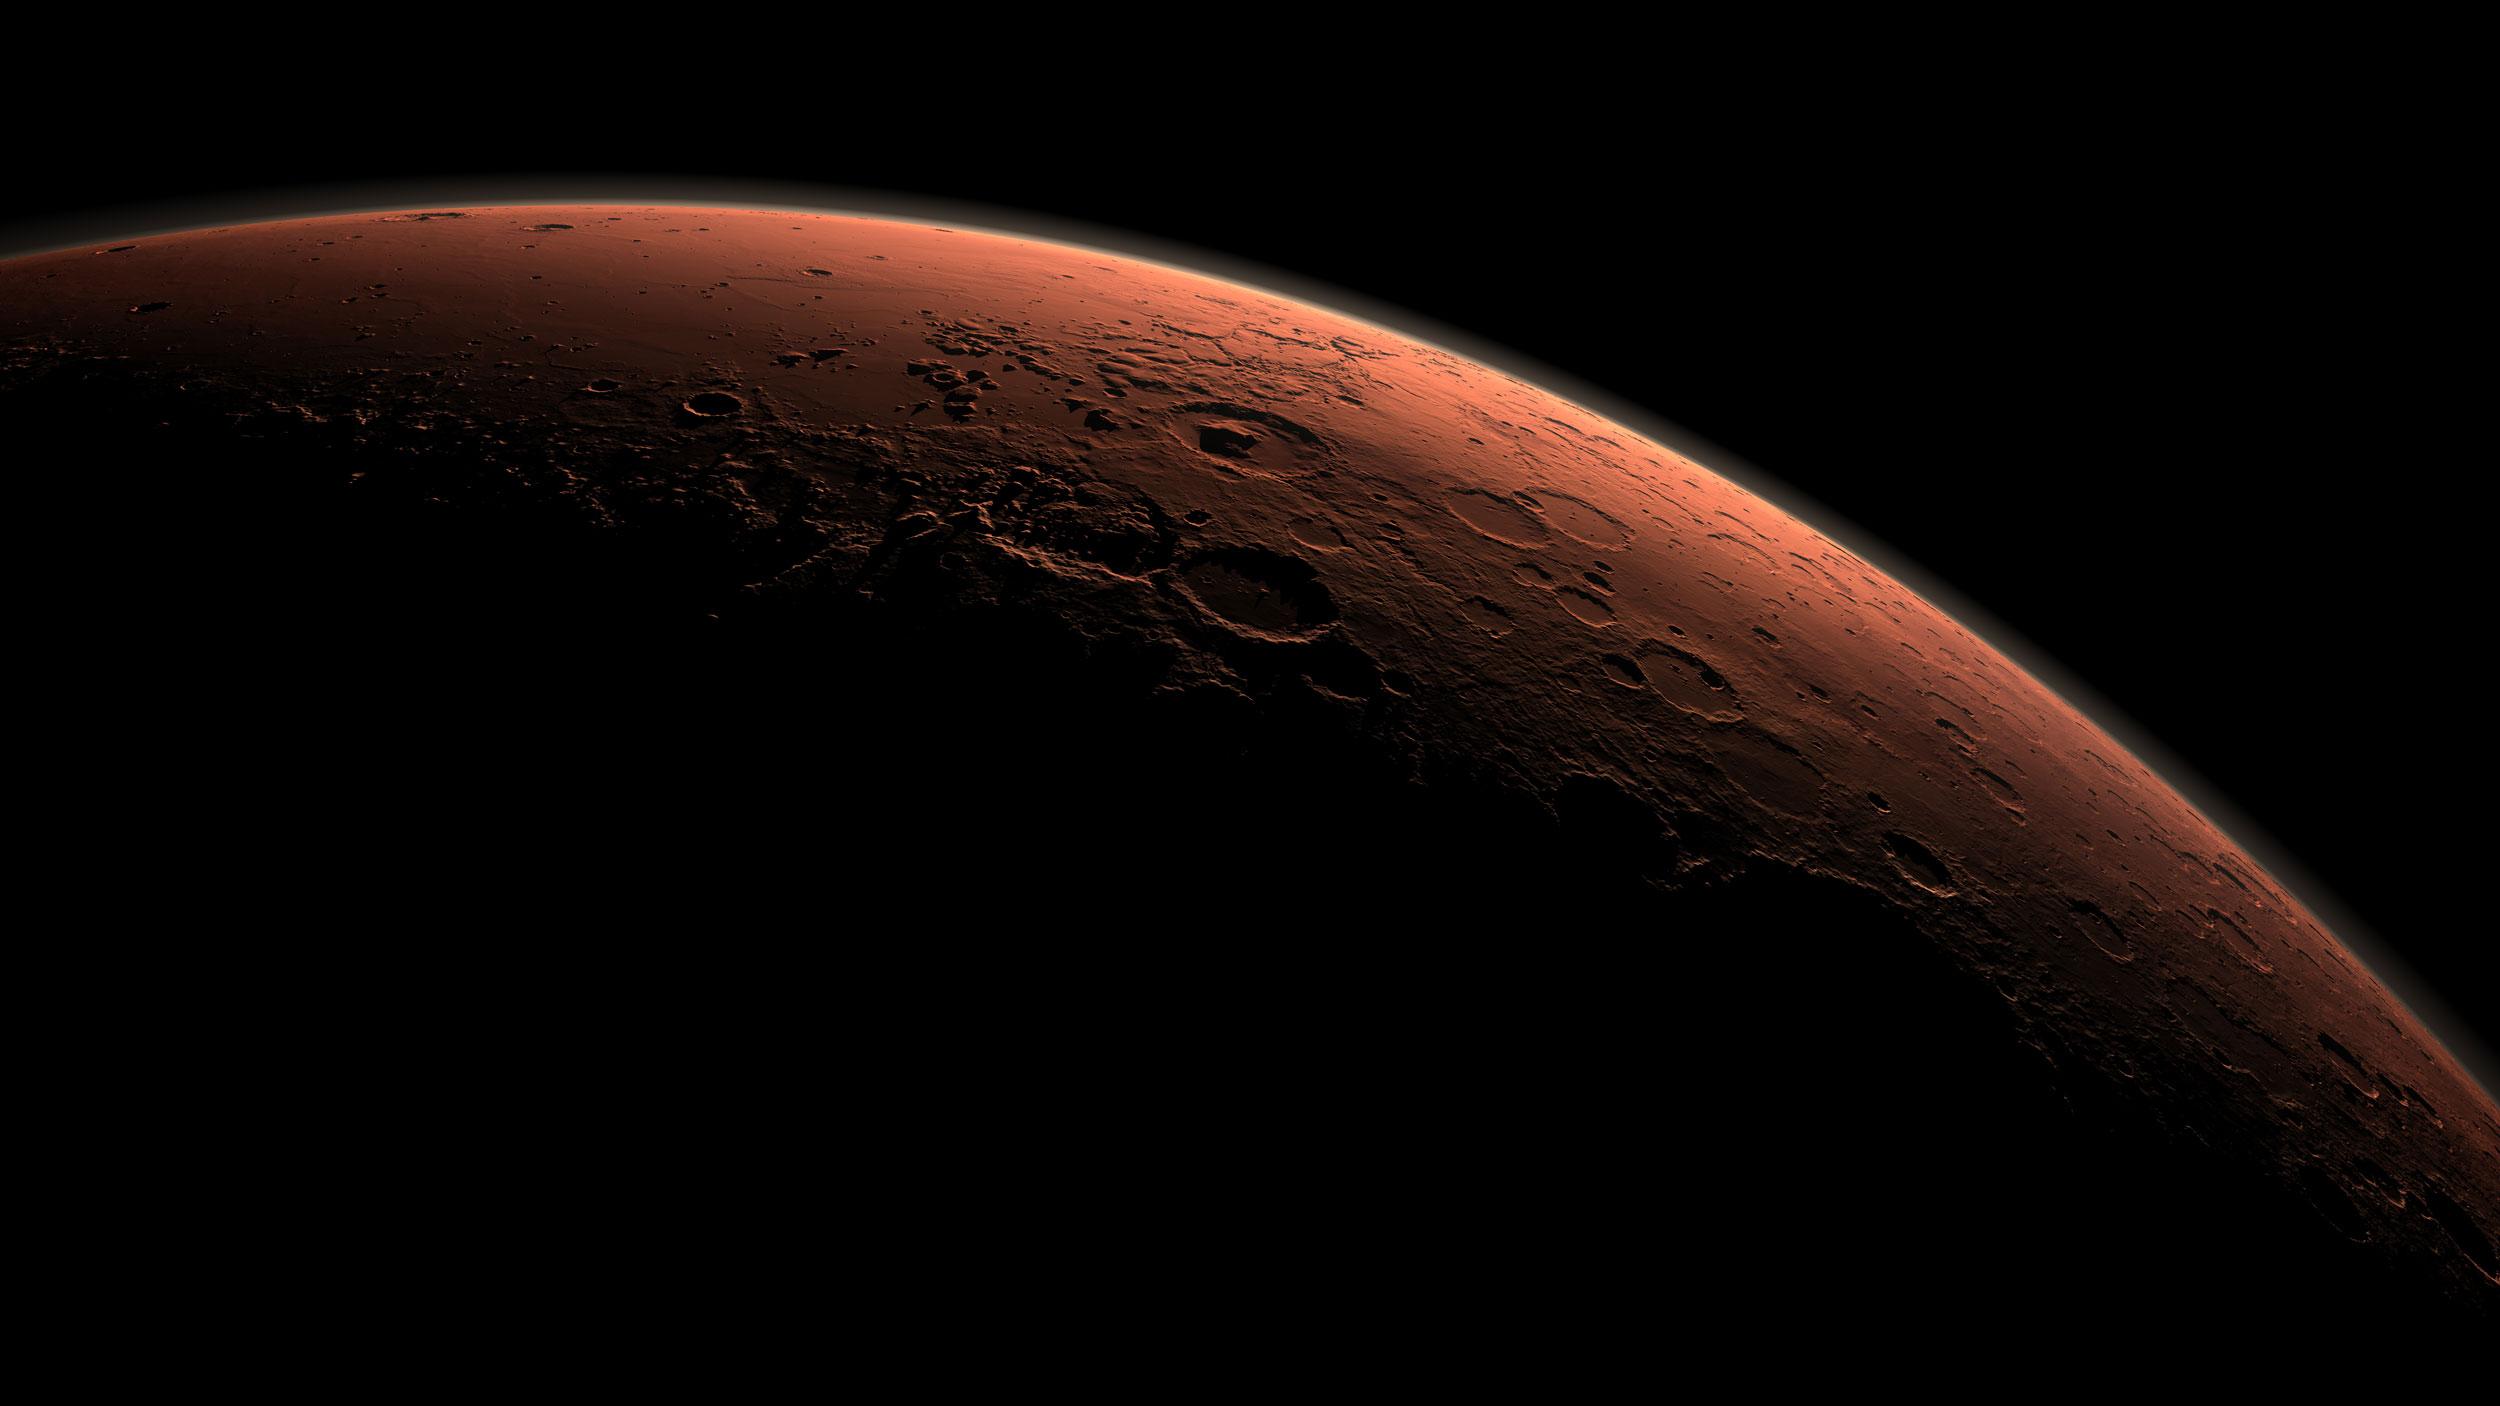 Mars planetinə ExoMars adlı missiya tərtib olunur